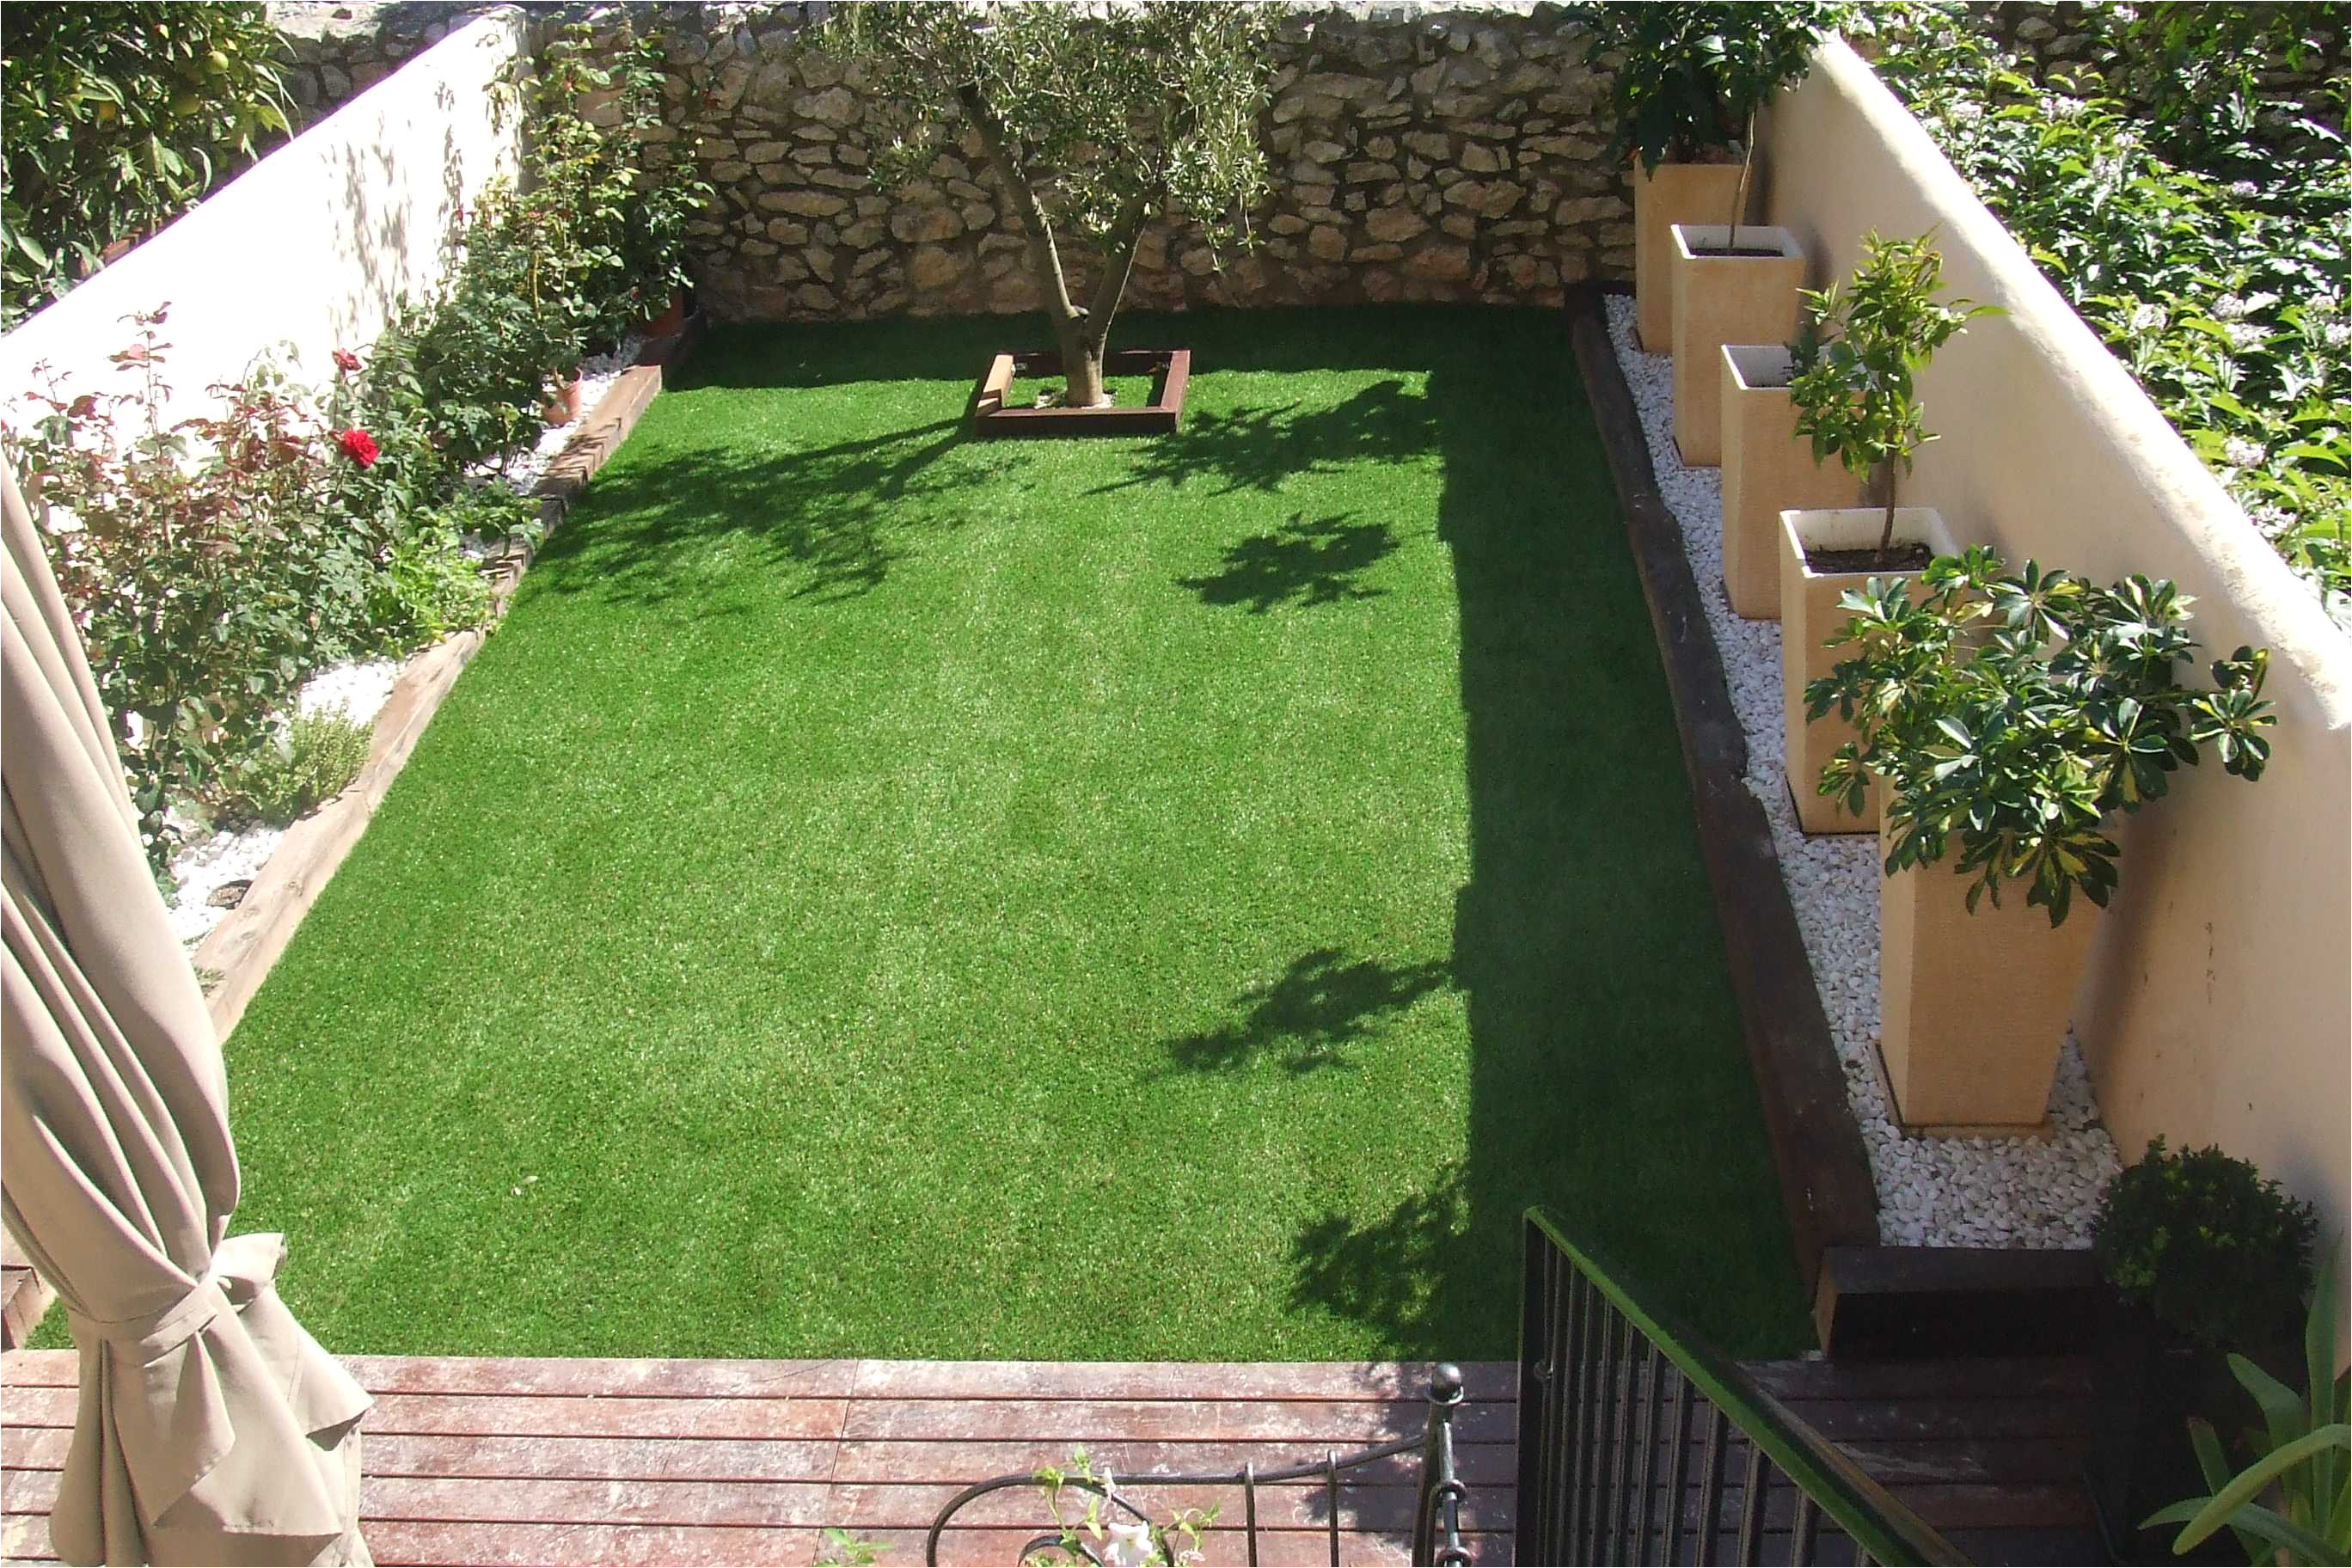 best diseo jardines pequeos diseno pequenos patios madrid planos patio trasero buscar con s with diseo jardines pequeos